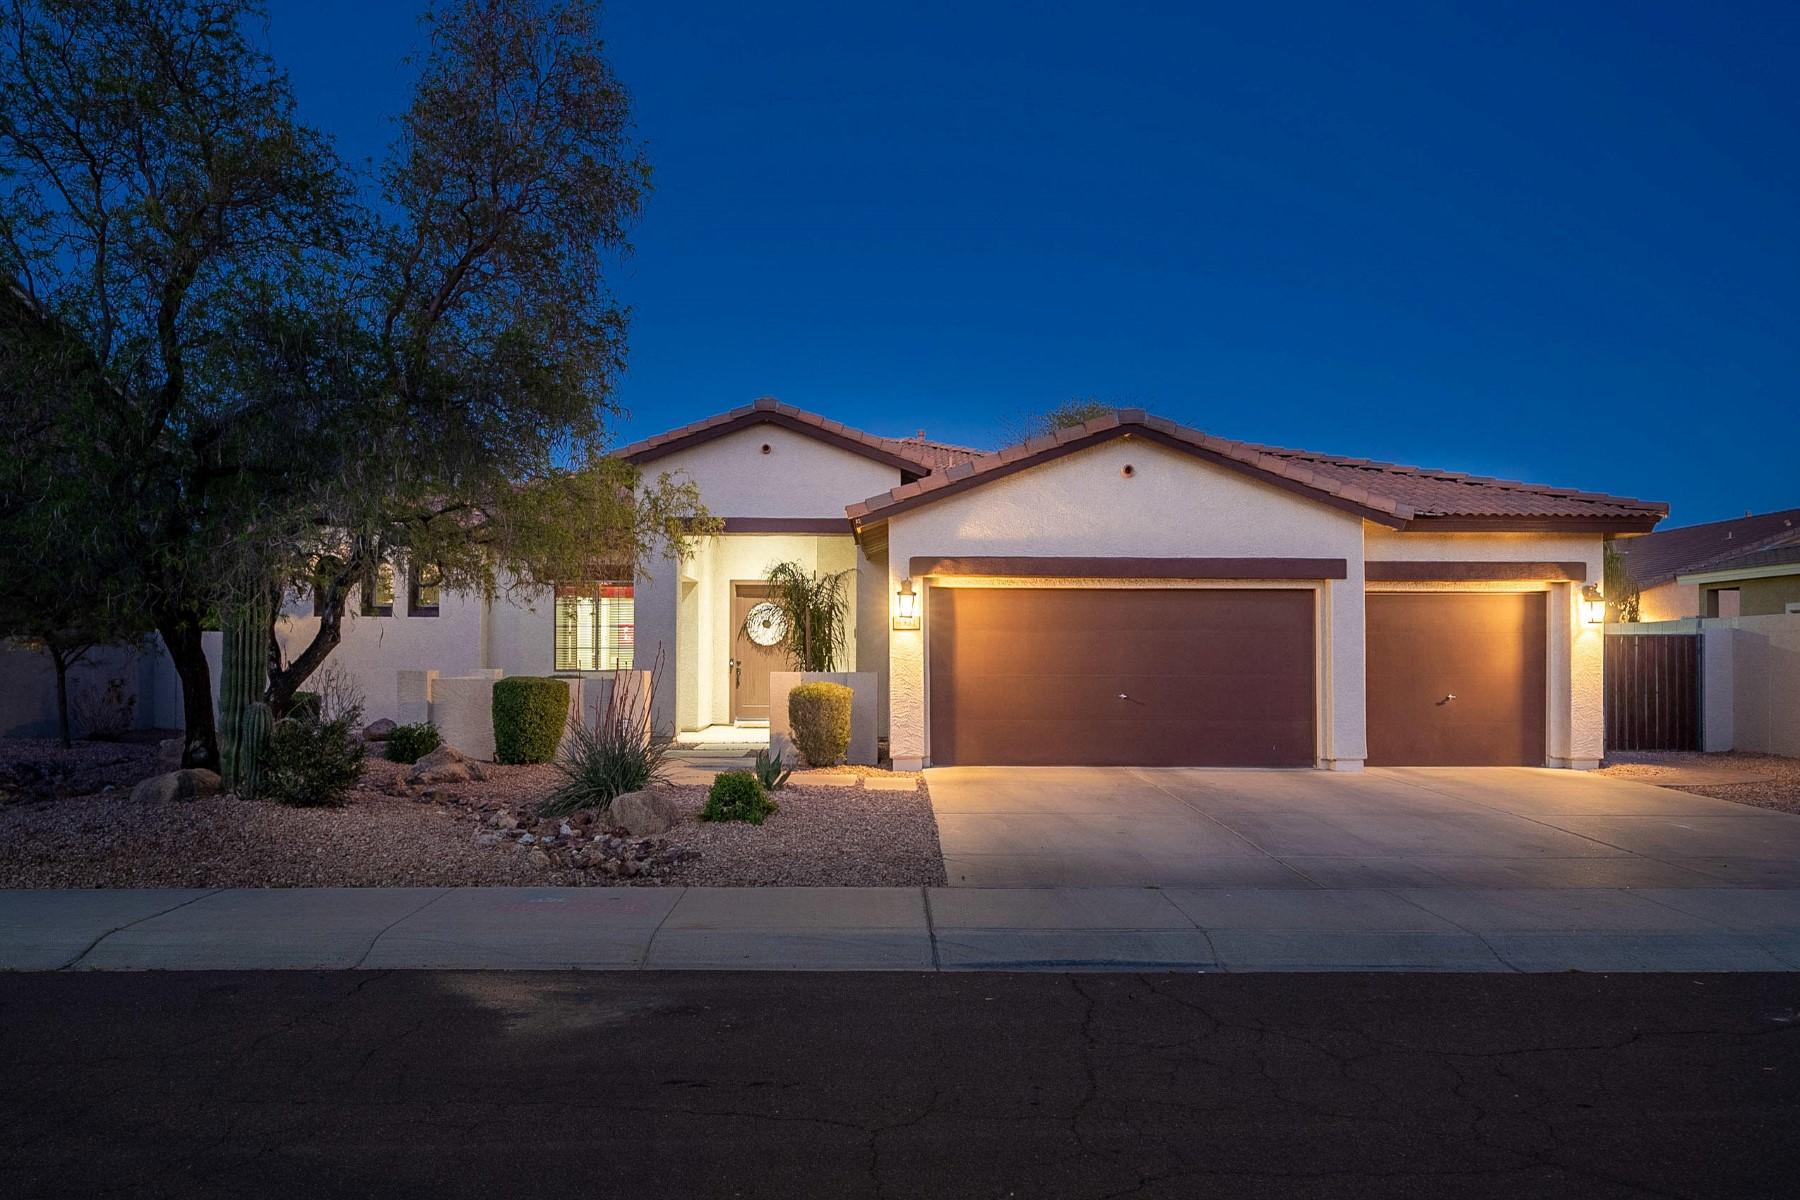 Single Family Homes για την Πώληση στο Fonte Al Sole 4331 S DANIELSON WAY, Chandler, Αριζονα 85249 Ηνωμένες Πολιτείες